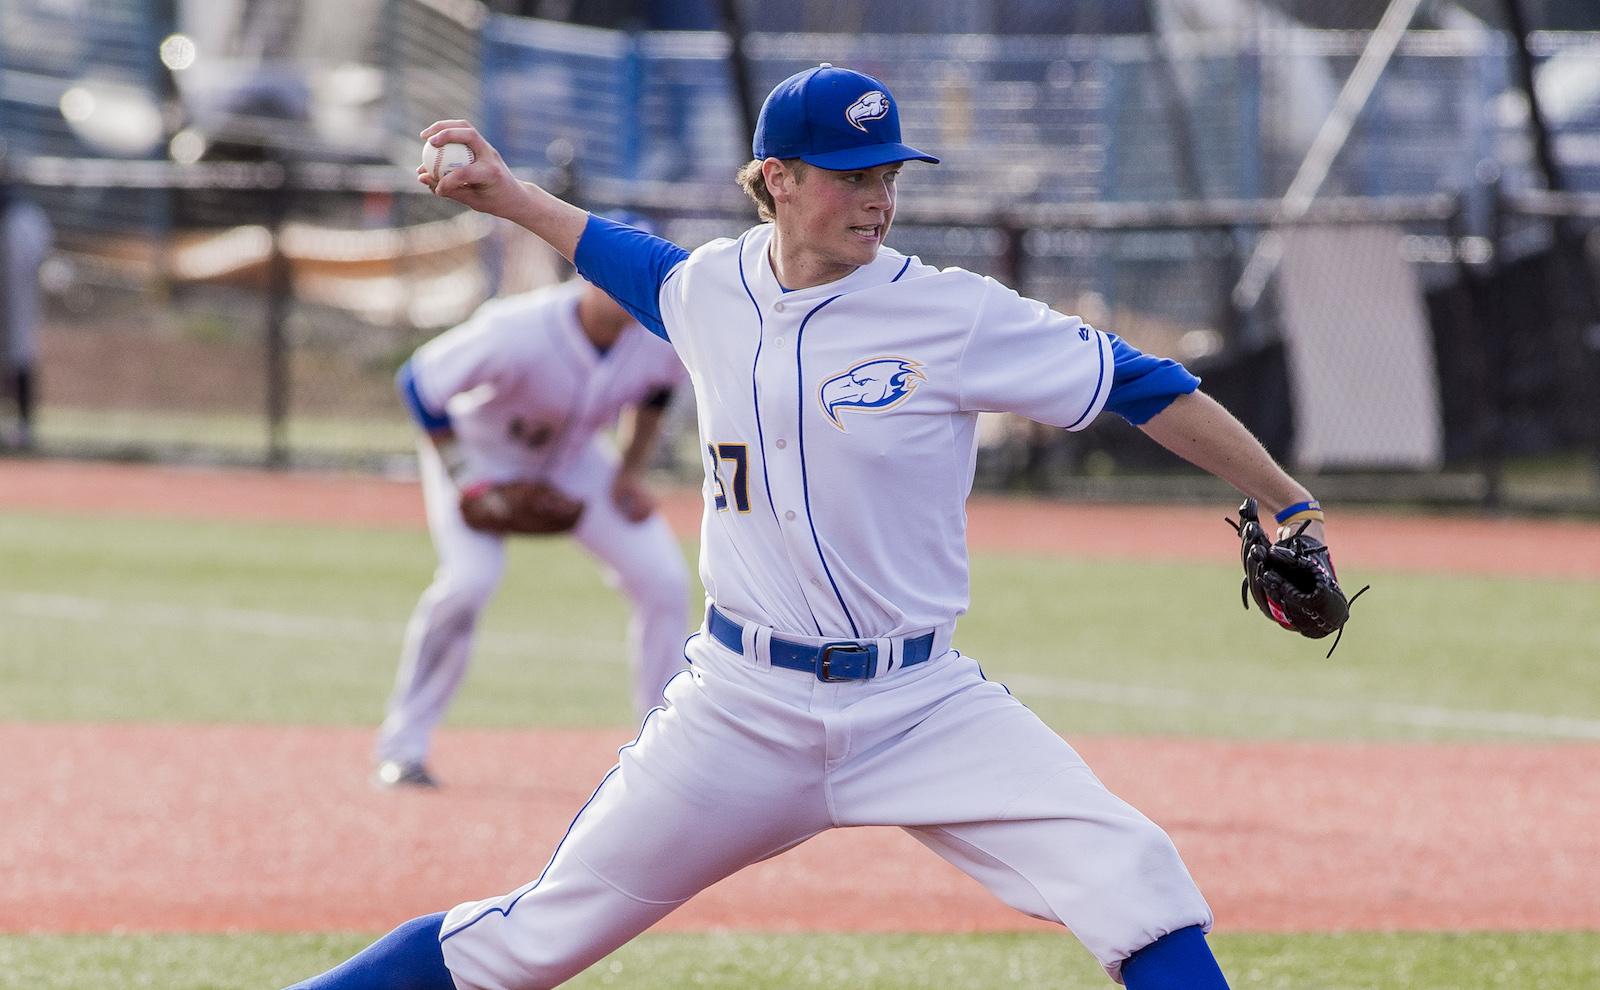 UBC Baseball to start Junior Varsity Team for 2017/18 season